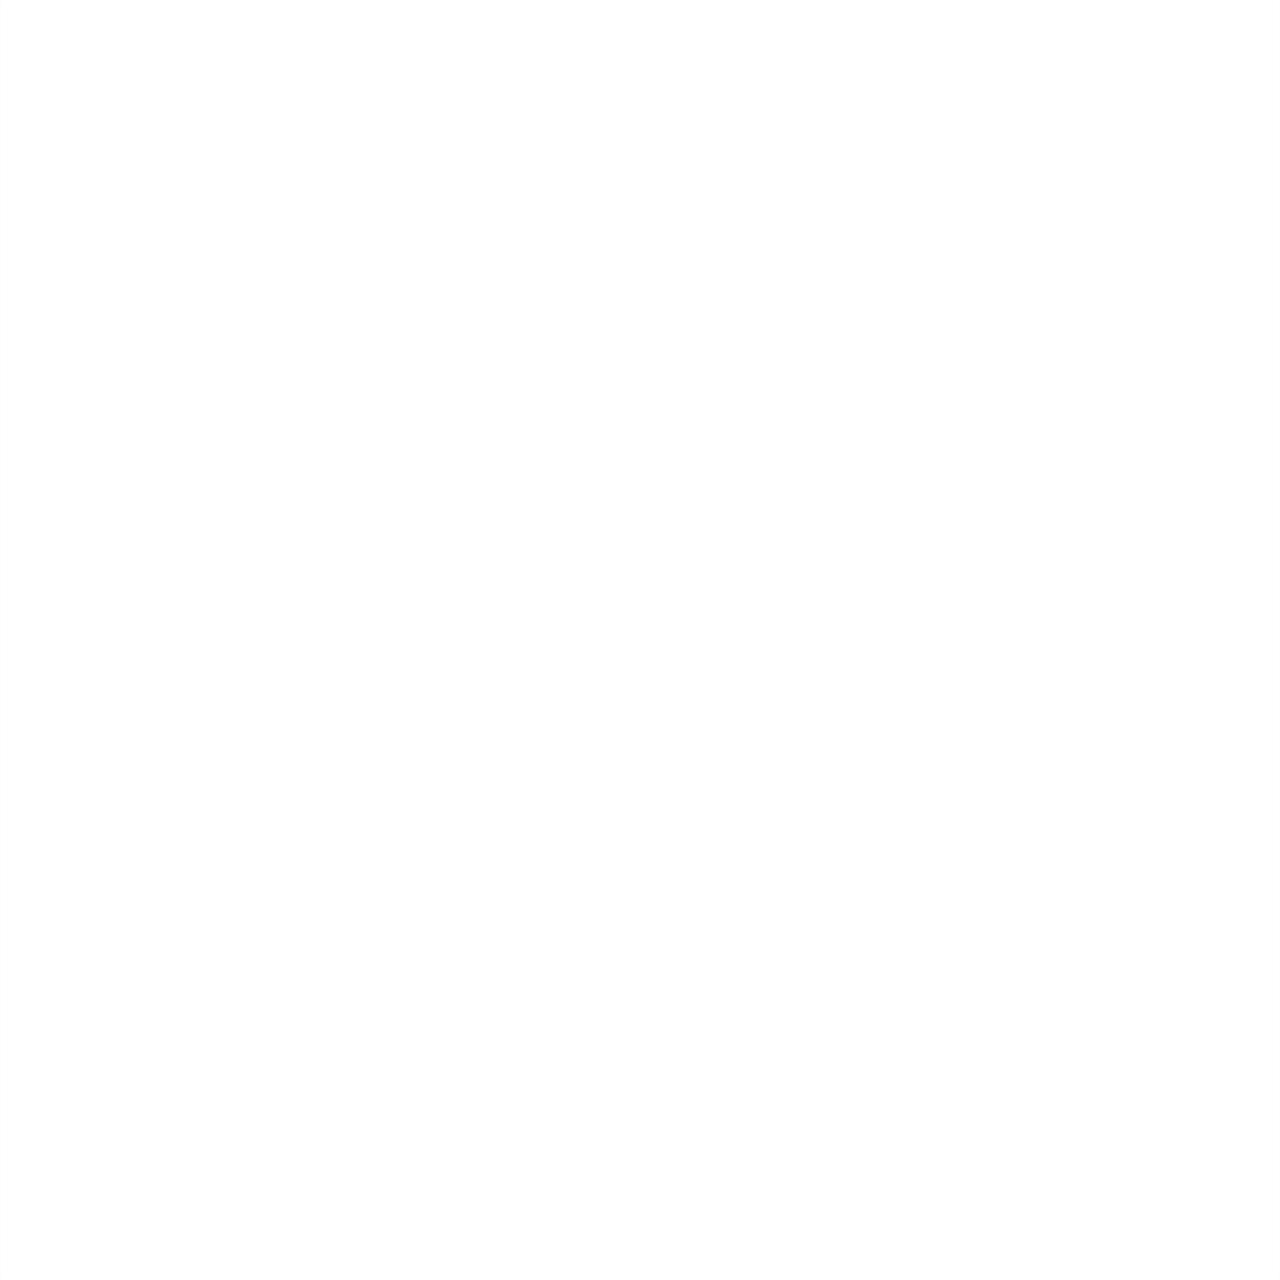 Алюкобонд 421 белый 8807 ARABOND